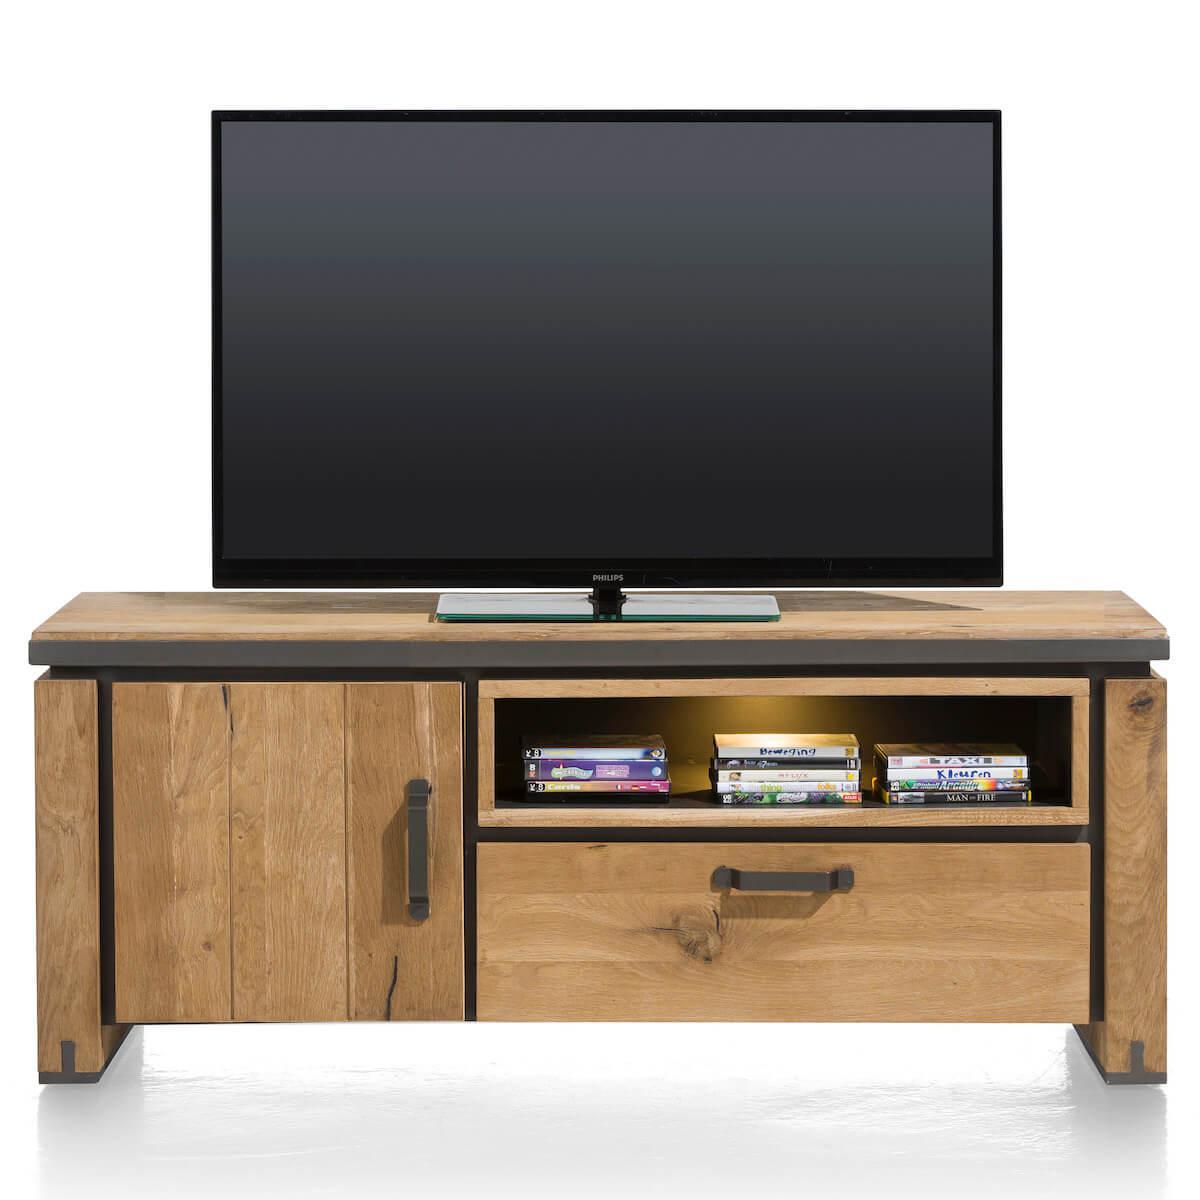 Meuble TV 150cm FARMLAND Henders & Hazel